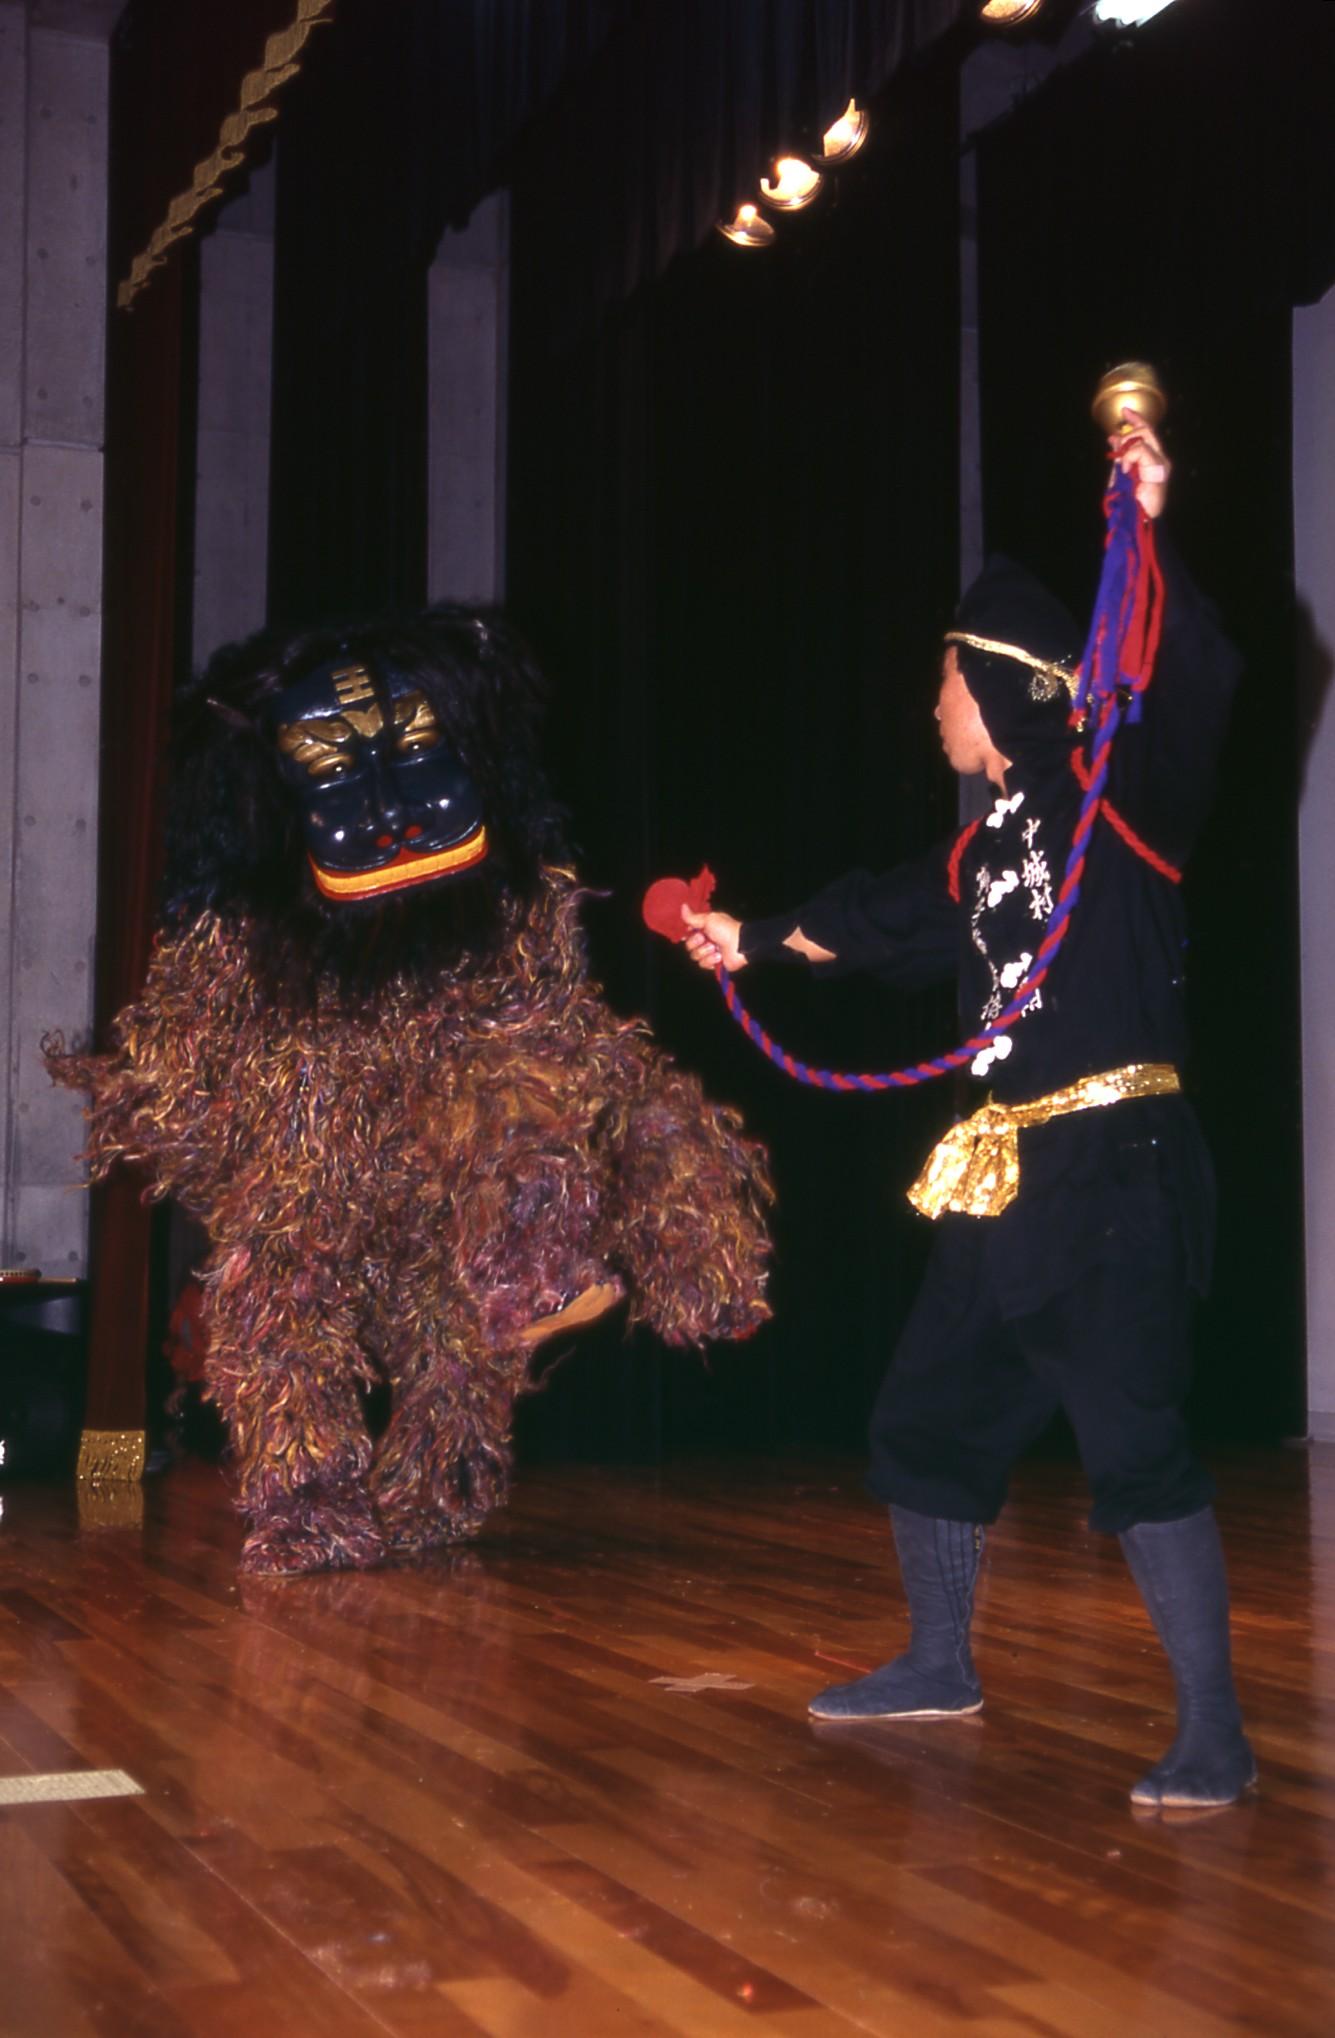 指定9津覇の獅子舞①企画課所有